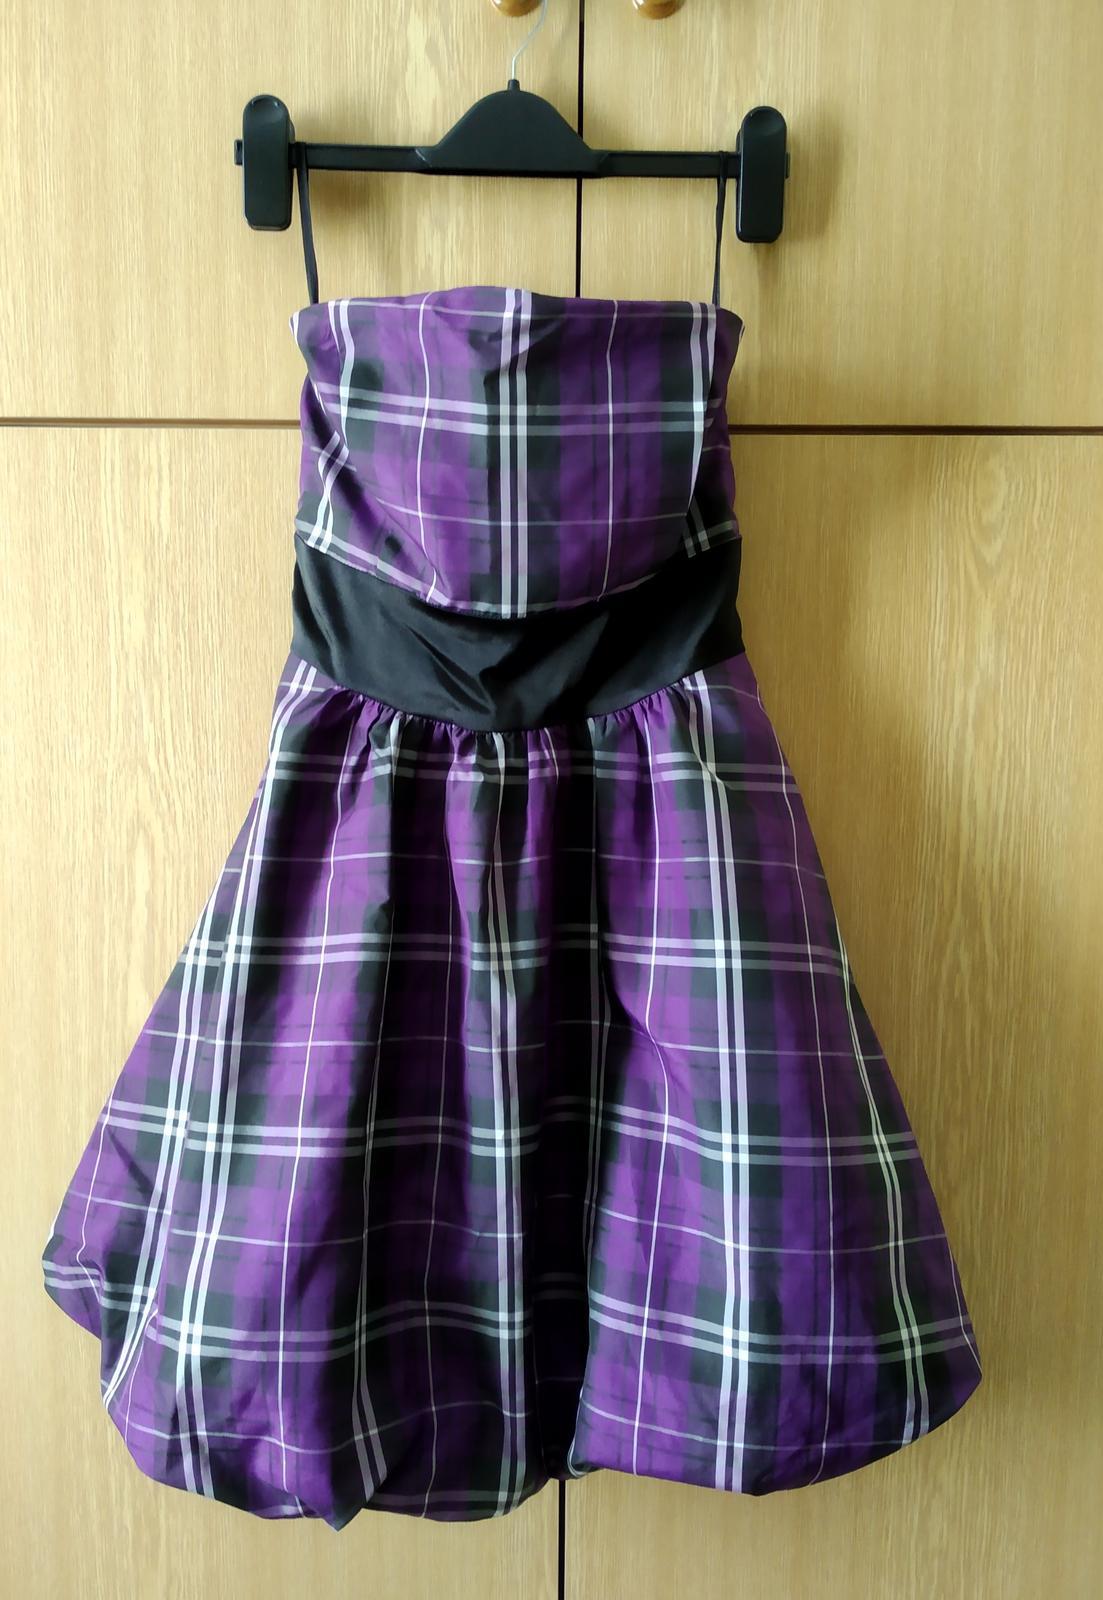 Fialové šaty s balonovou sukní - Obrázek č. 1